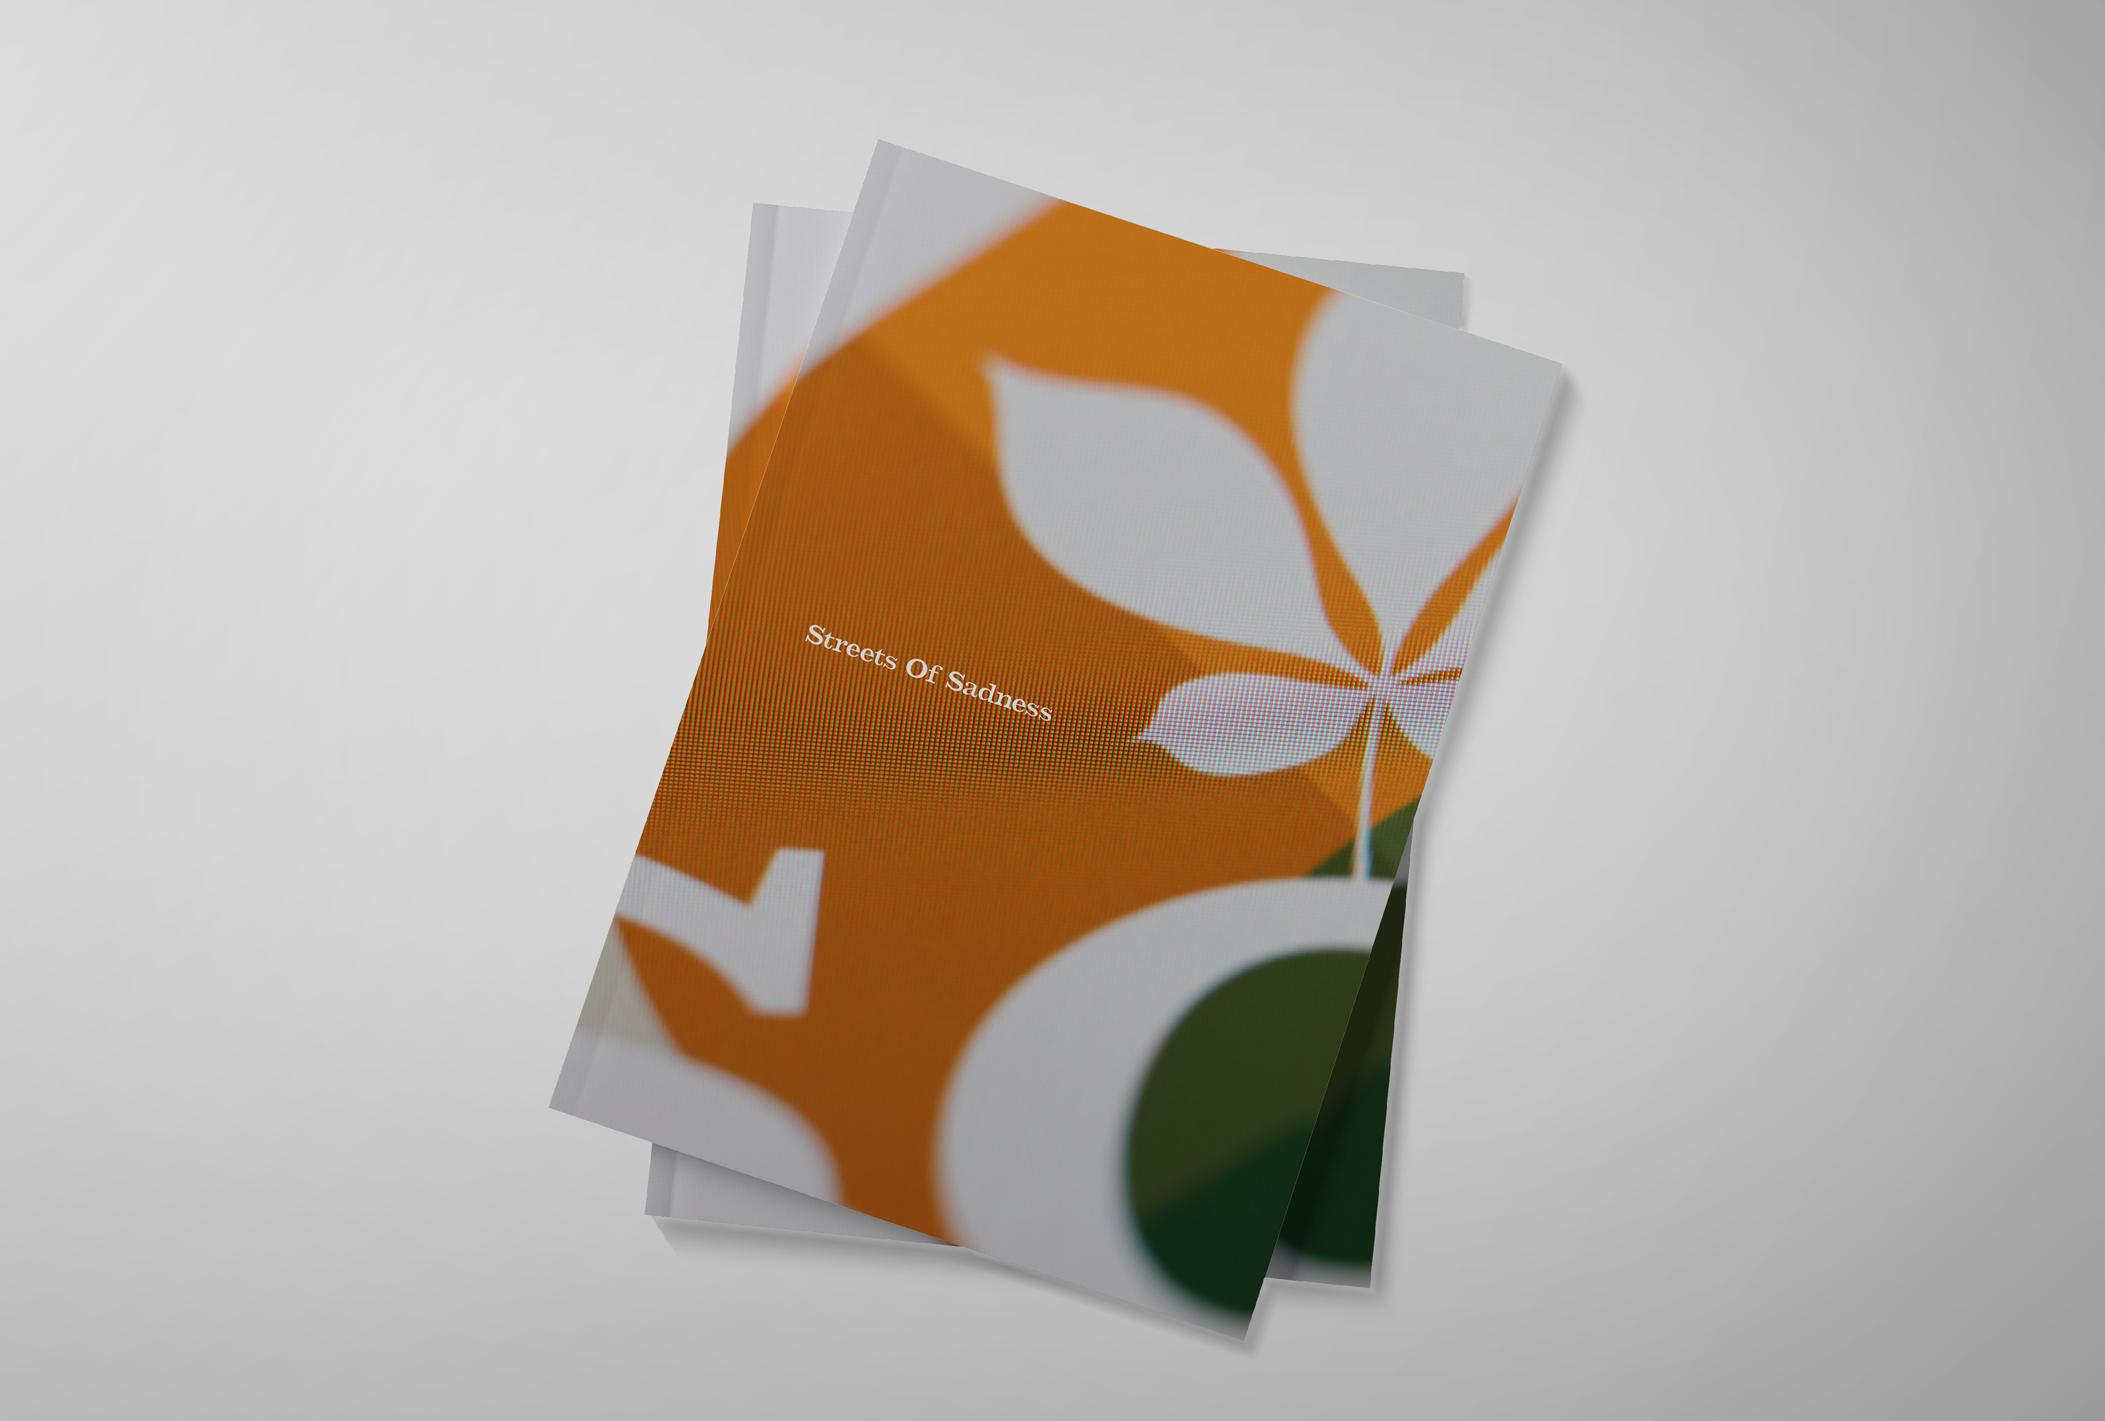 3D_sos_covers.jpg